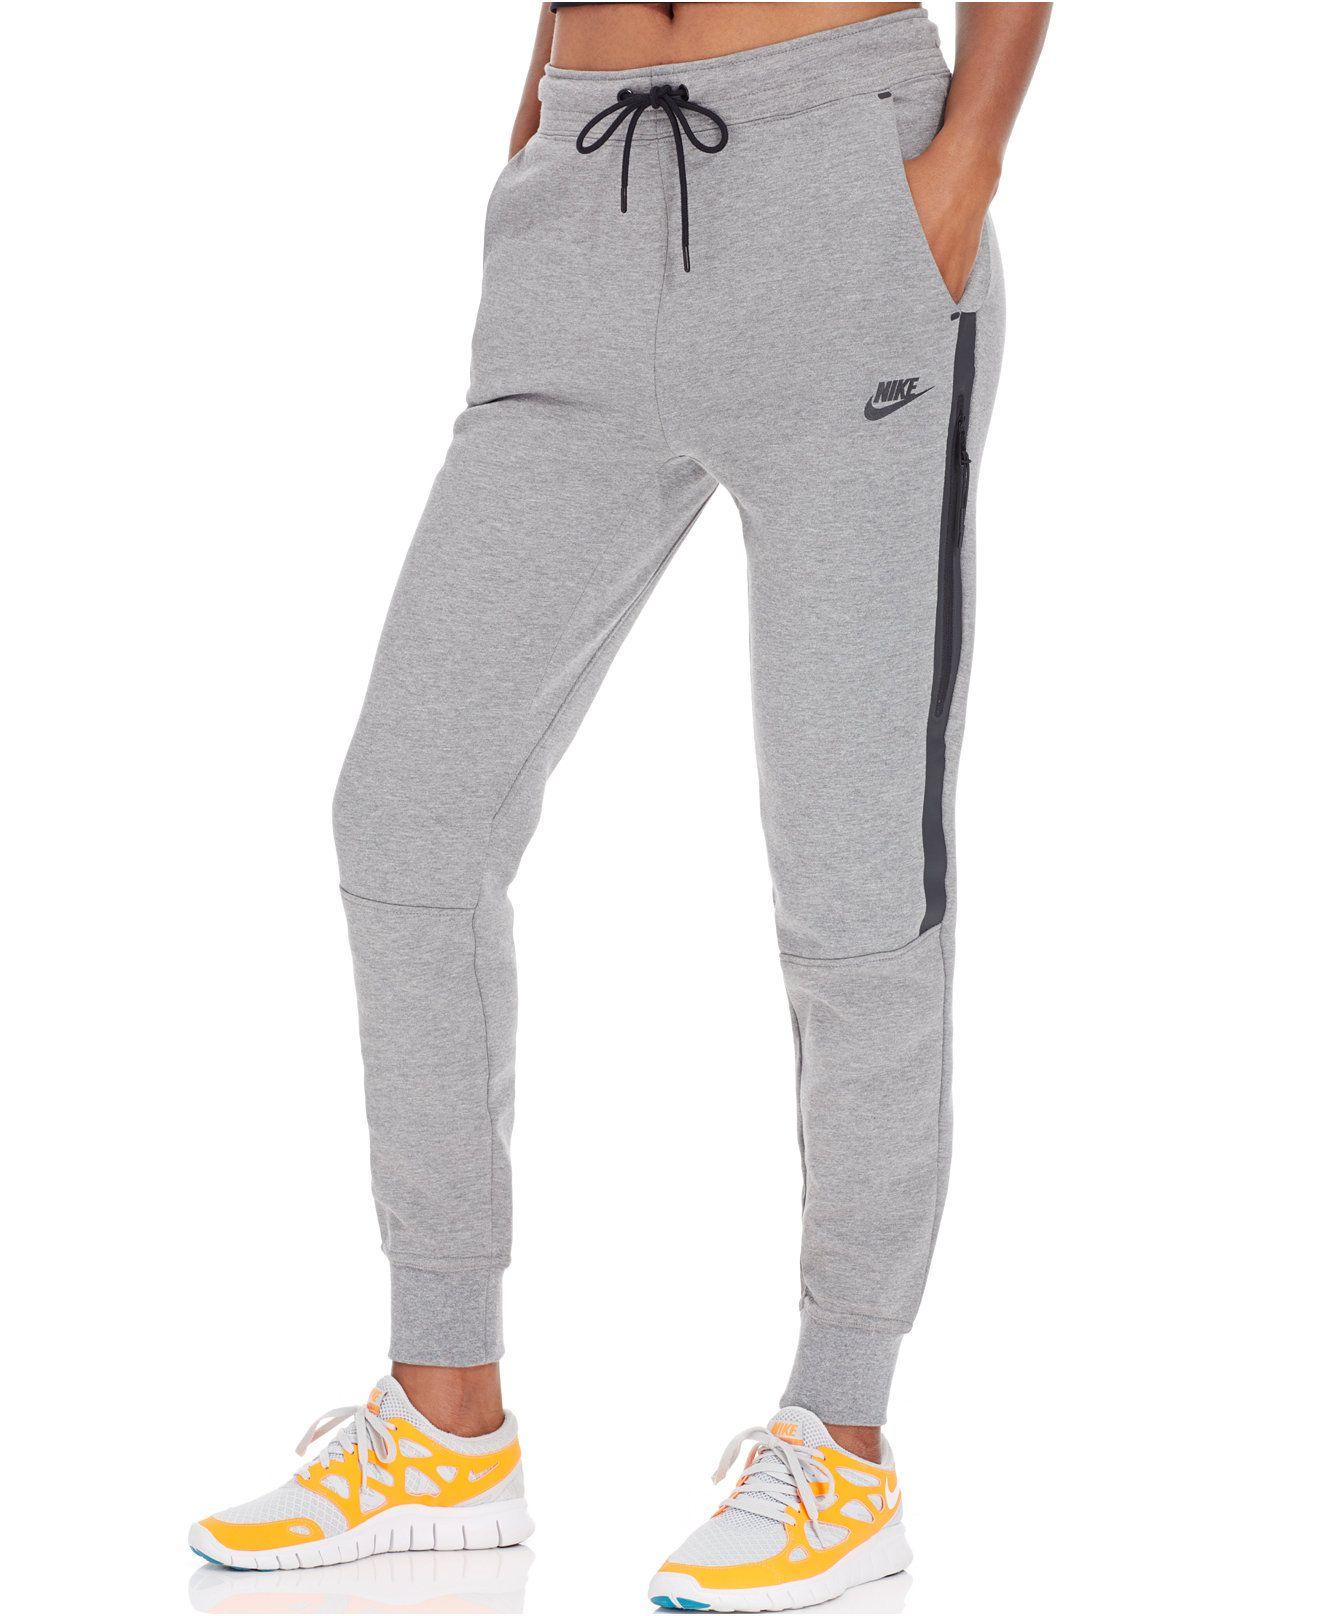 fe9213c93fe9 Nike Tech Fleece Sweatpants - Pants   Capris - Women - Macy s ...